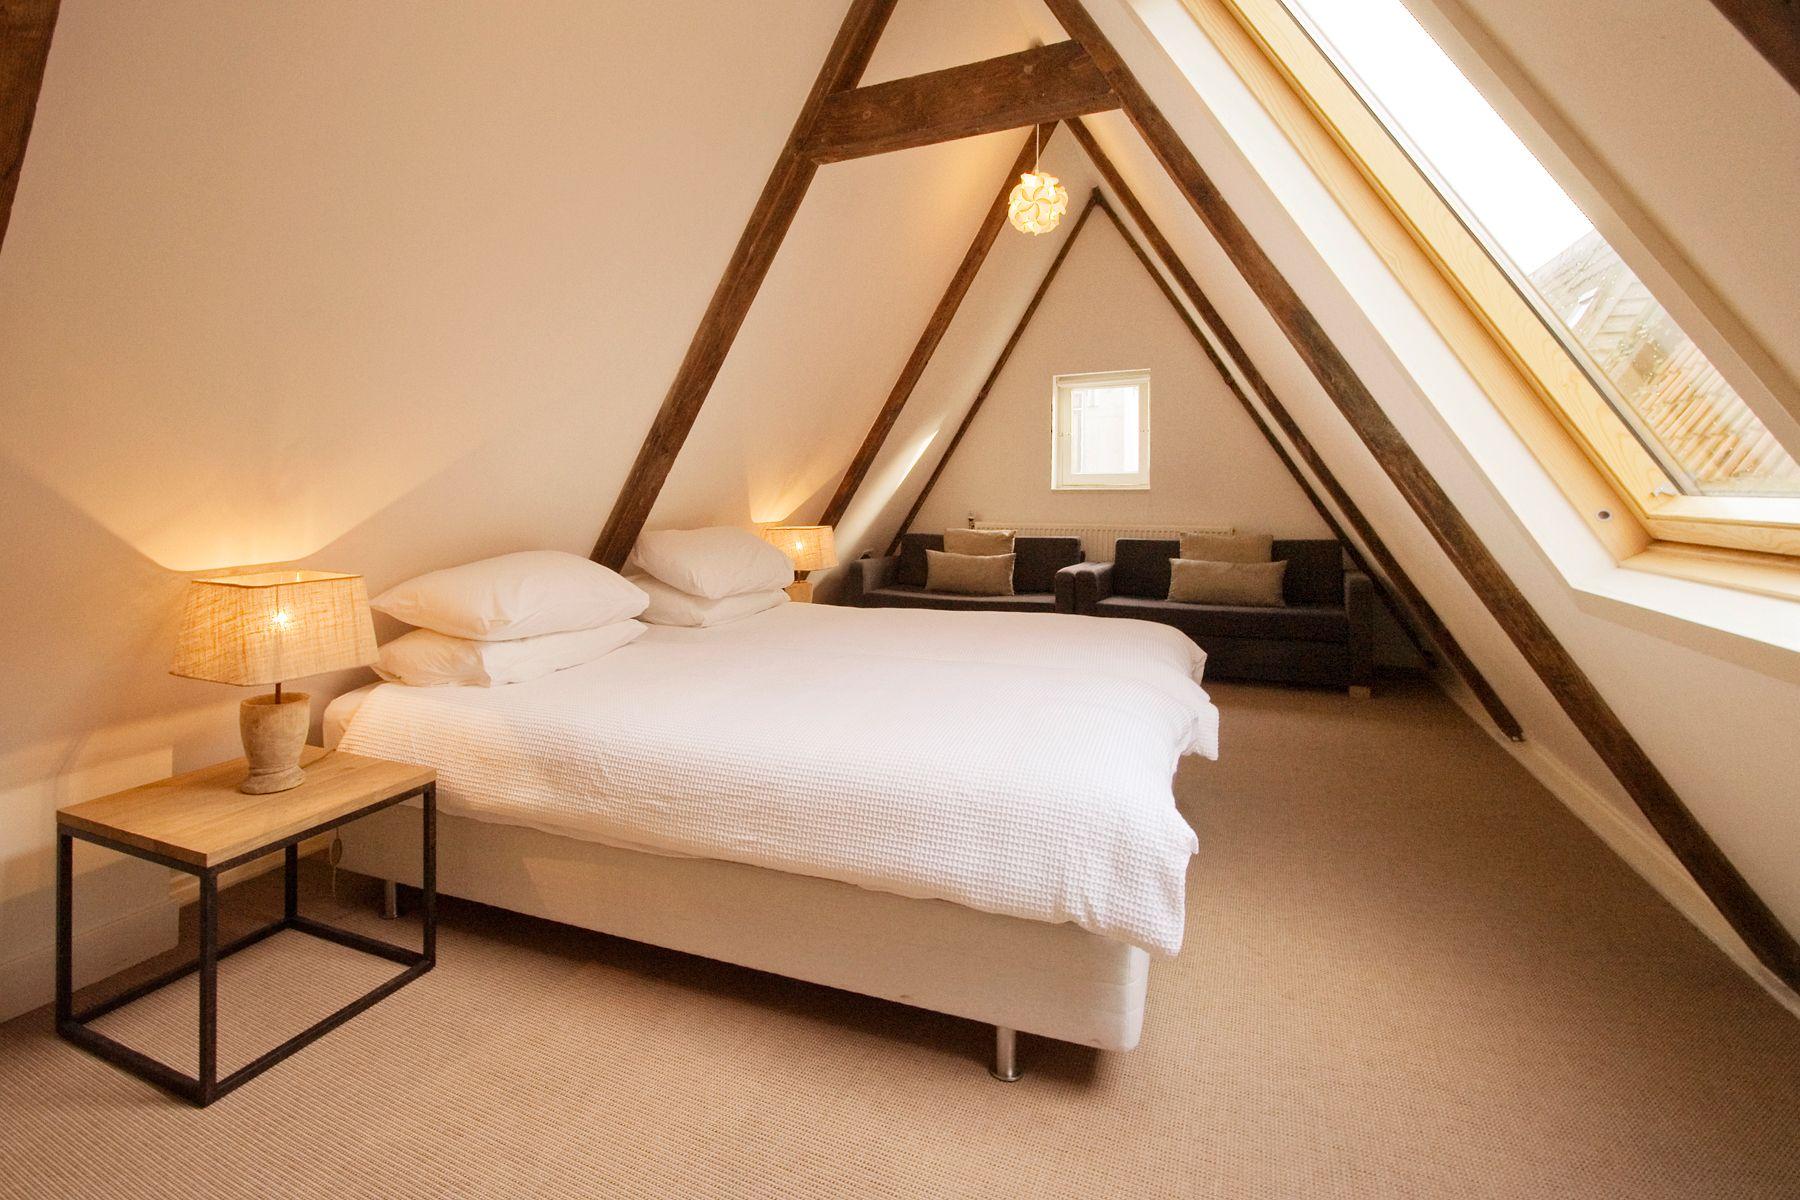 bedroom attics - HD1306×870